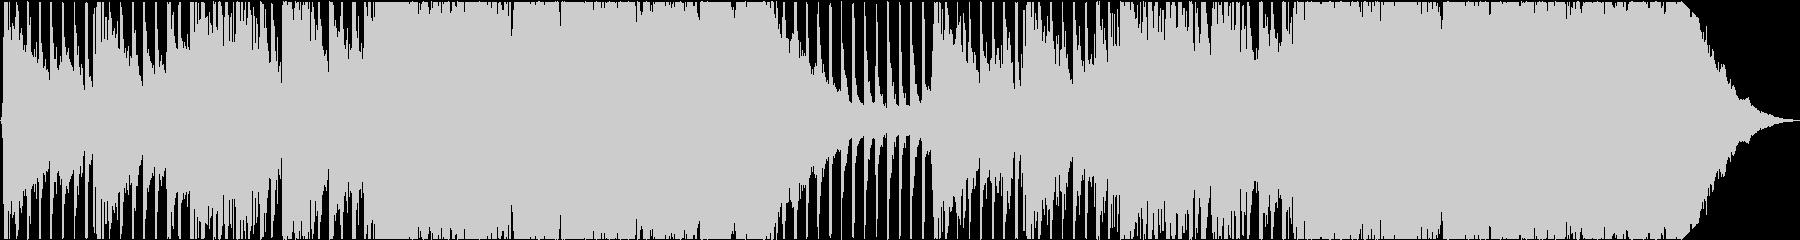 ファッションヘビープロモロックの未再生の波形